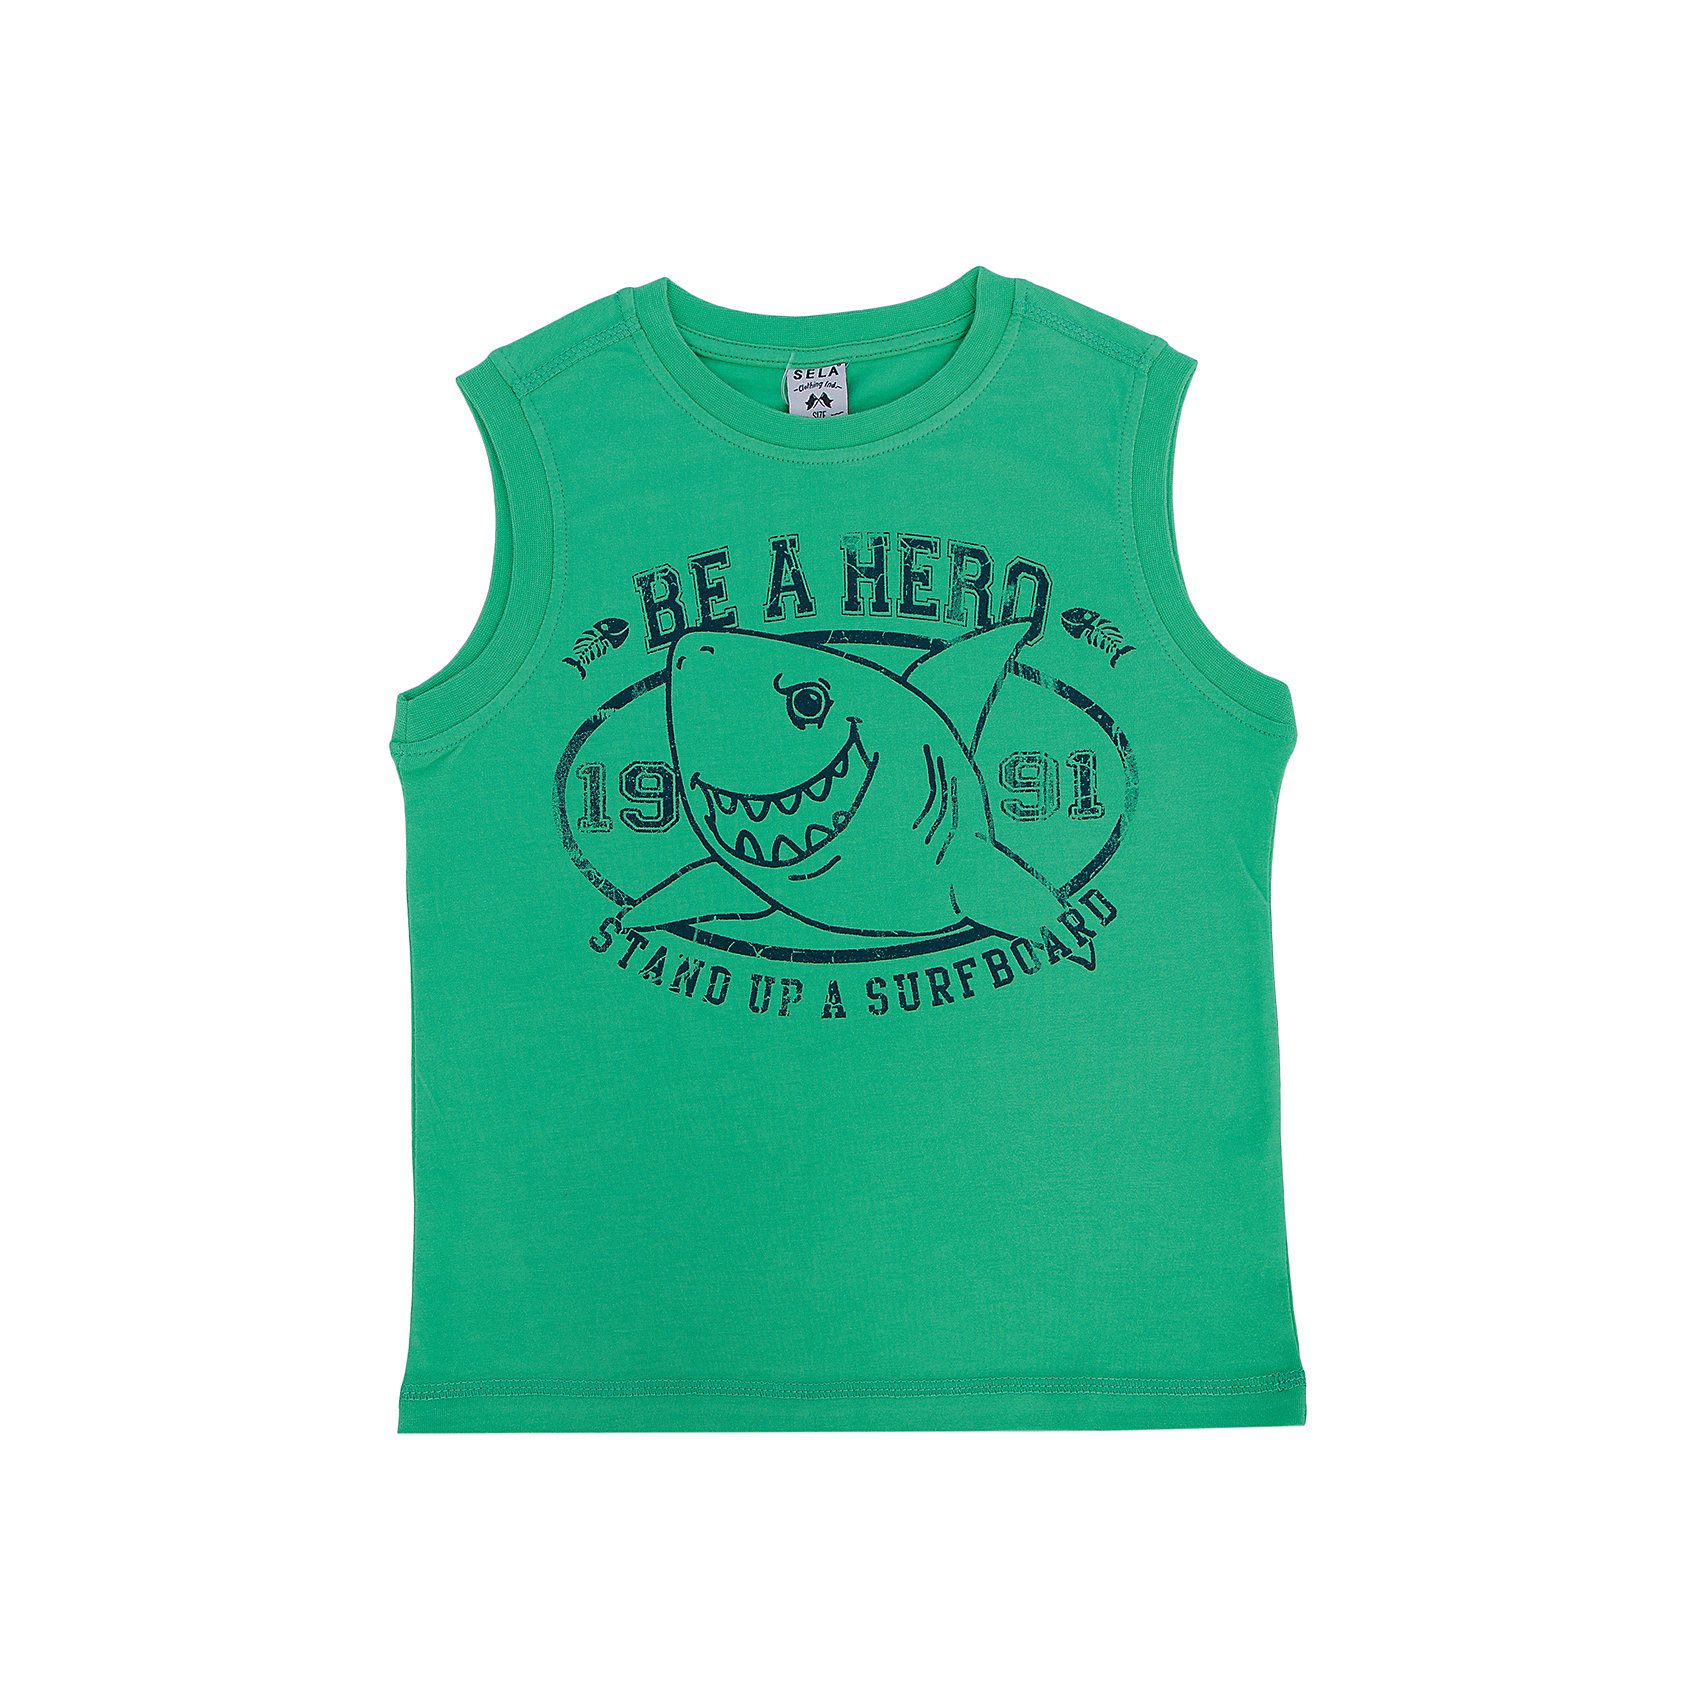 Майка для мальчика SELAМайка для мальчика от известного бренда SELA выполнена из высококачественного хлопка, очень приятна к телу, не растягивается и отлично пропускает воздух. Модель оформлена печатным принтом в виде веселой акулы. Прекрасный вариант на лето! <br><br>Дополнительная информация:<br><br>- Мягкий, приятный на ощупь материал. <br>- Округлый вырез горловины.<br>- Горловина и пройма в рубчик. <br>- Декорирована печатным принтом. <br>- Покрой: прямой. <br>Состав: <br>- хлопок 100% .<br><br>Майку для мальчика, SELA (Села), можно купить в нашем магазине.<br><br>Ширина мм: 196<br>Глубина мм: 10<br>Высота мм: 154<br>Вес г: 152<br>Цвет: зеленый<br>Возраст от месяцев: 36<br>Возраст до месяцев: 48<br>Пол: Мужской<br>Возраст: Детский<br>Размер: 104,116,92,98,110<br>SKU: 4741457